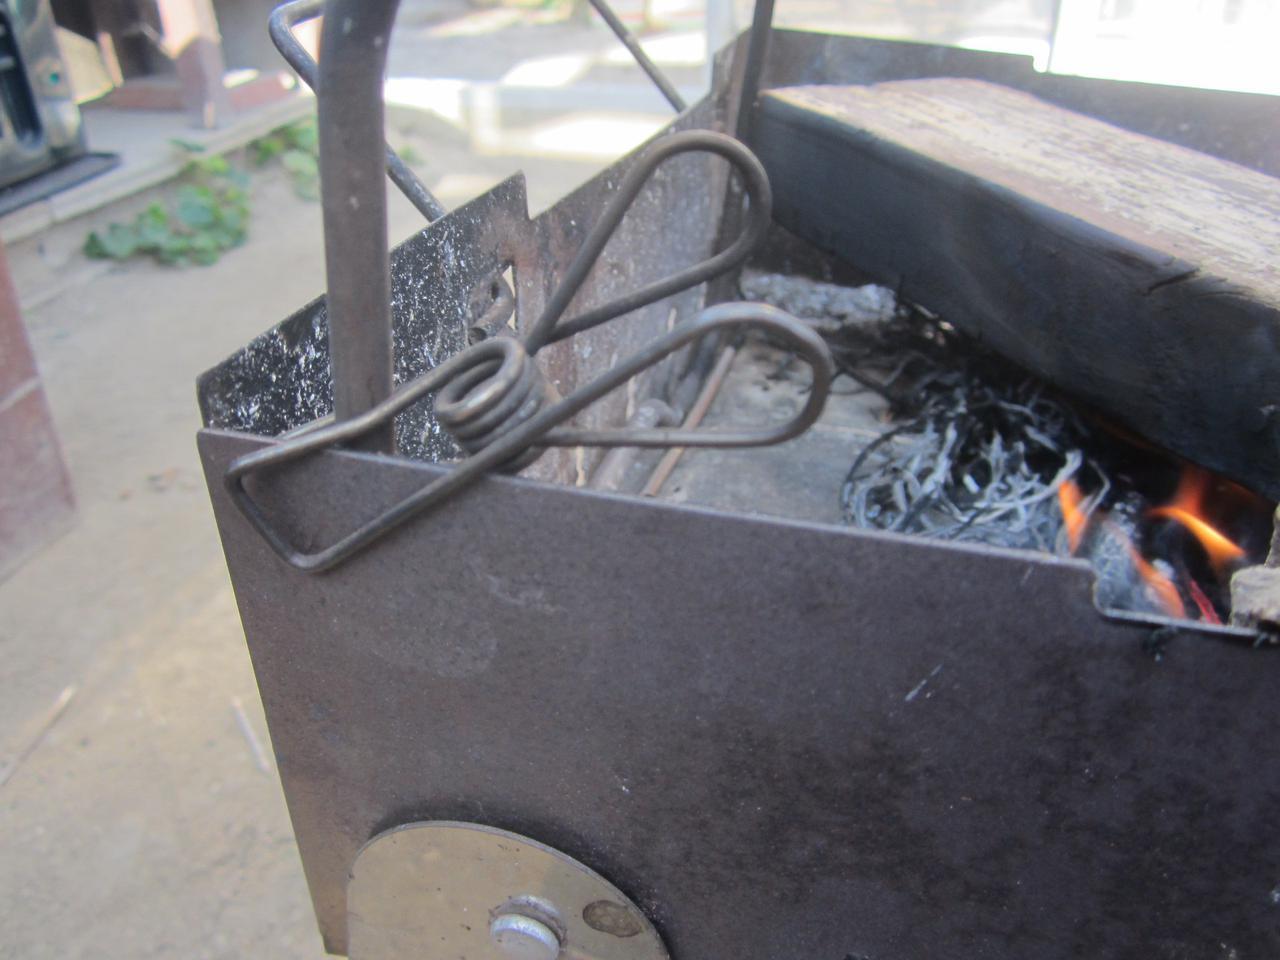 画像3: キャンピングムーンの五徳とユニフレームのダッチオーブンで焚き火料理 使い方を紹介!